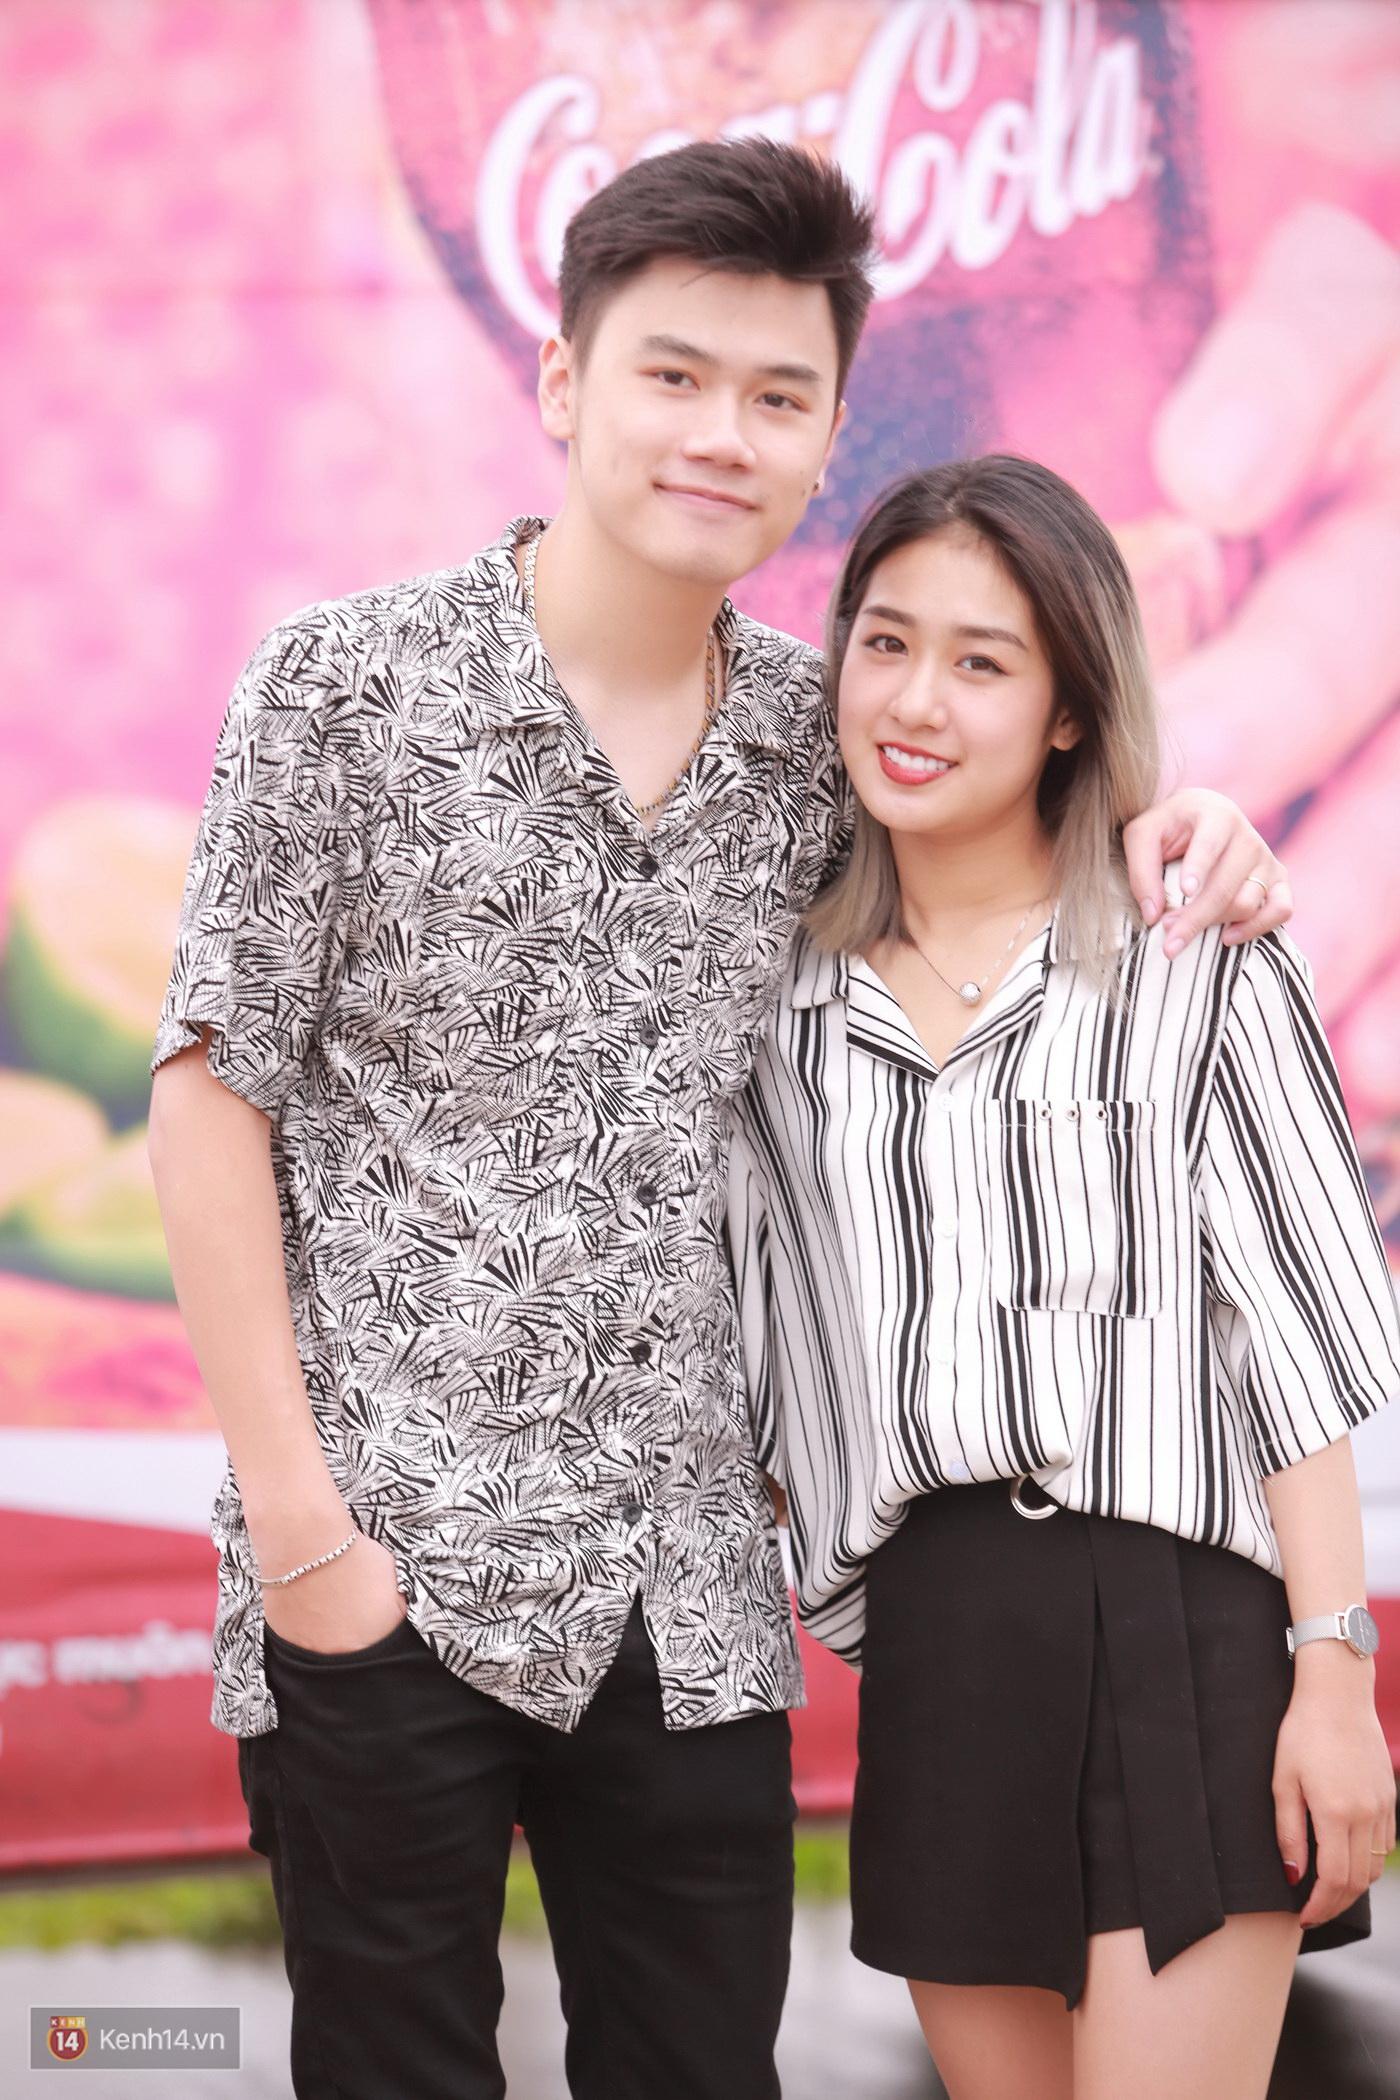 Đói Chưa Nhỉ: Những khoảnh khắc đáng yêu của cặp đôi nổi tiếng Tùng Sơn - Trang Lou - Ảnh 1.